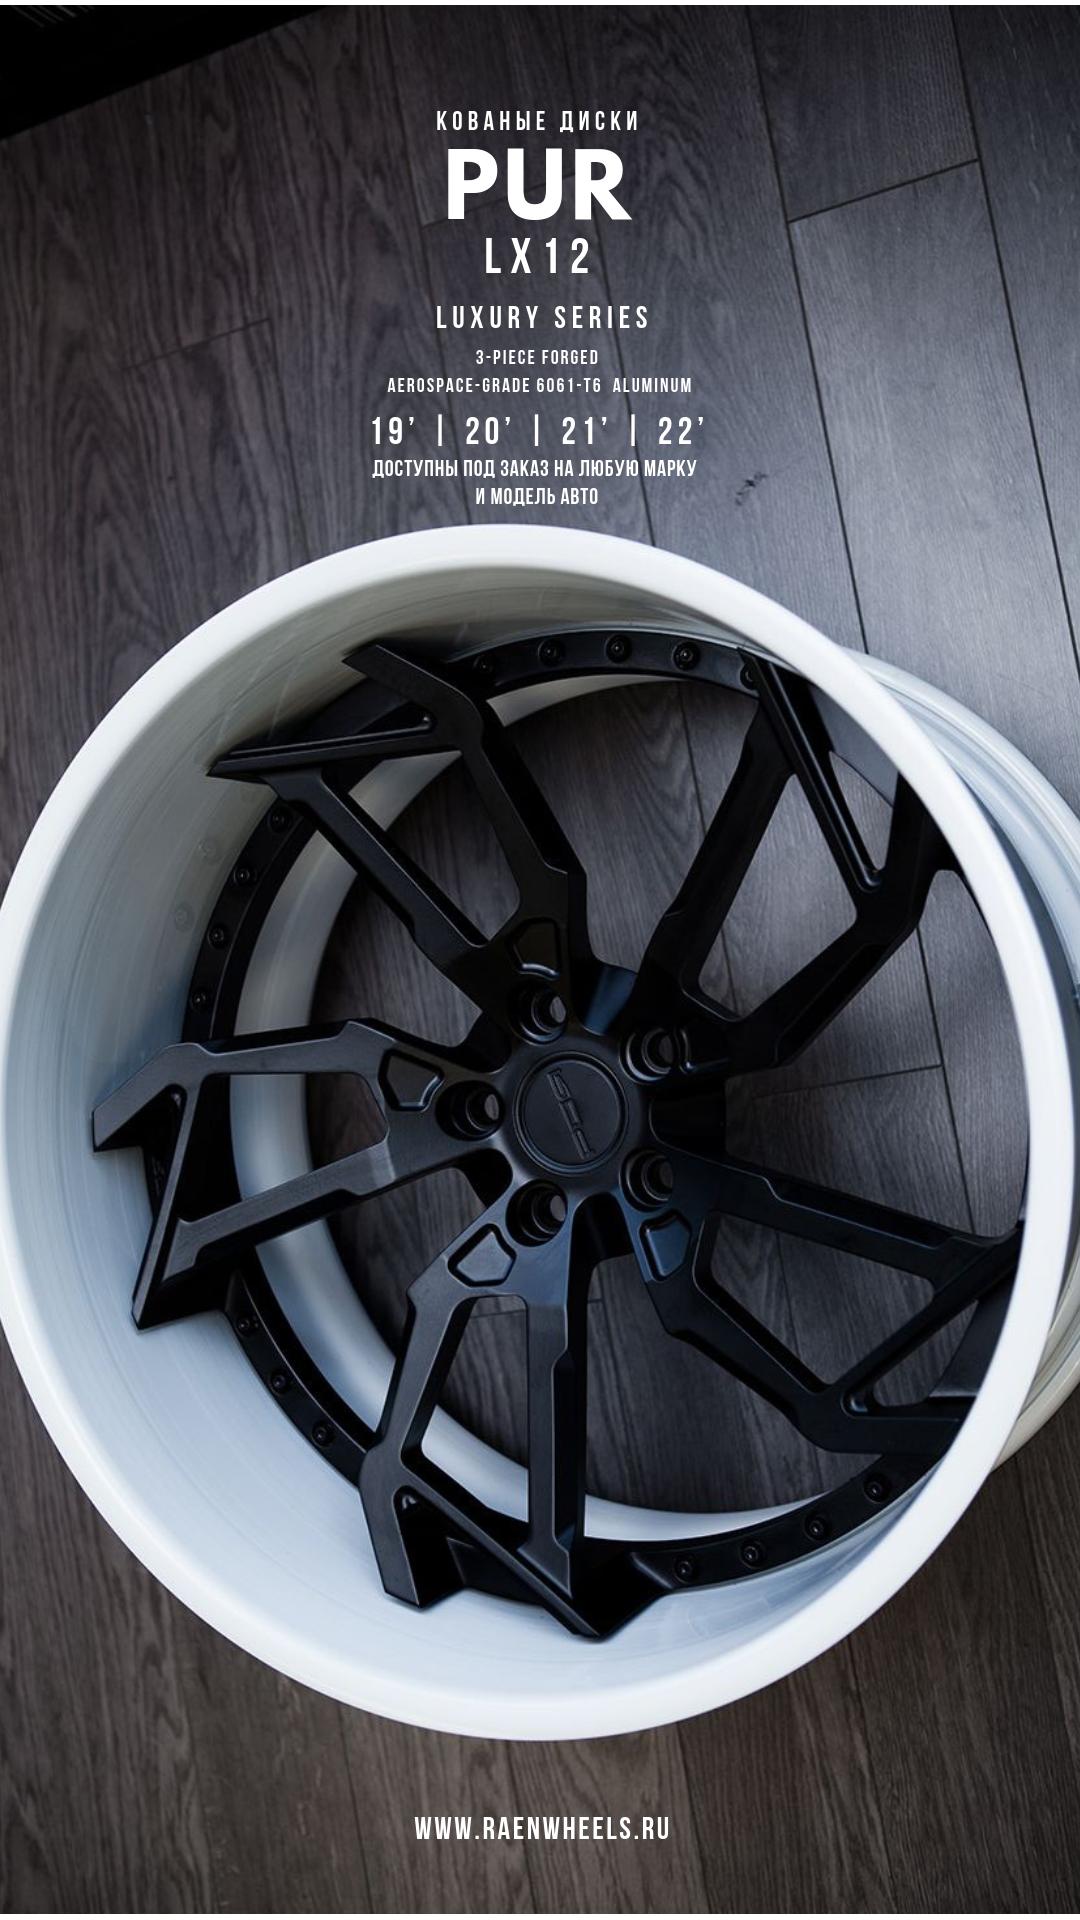 Кованые диски PUR LX12 - Купить с доставкой в Магазине RaenWheels.ru #purwheels #raenwheels #wheelporn #wheels #luxurywheels #кованыедиски #dragracing #авто #москвасити #forgedwheels #stancenation #шины #low #колеса #дискишины #Japanwheels #диски #moscowcity #wheelsporn #rims #золотаямолодеж #стенс #unlim500 #concave #concavewheels #deepconcave #bigwheels #coldforged #flowforged #flowform #luxurywheels #купитьдиски #дискиспб #дискимосква #купитьдискивспб #дискипитер #колеса